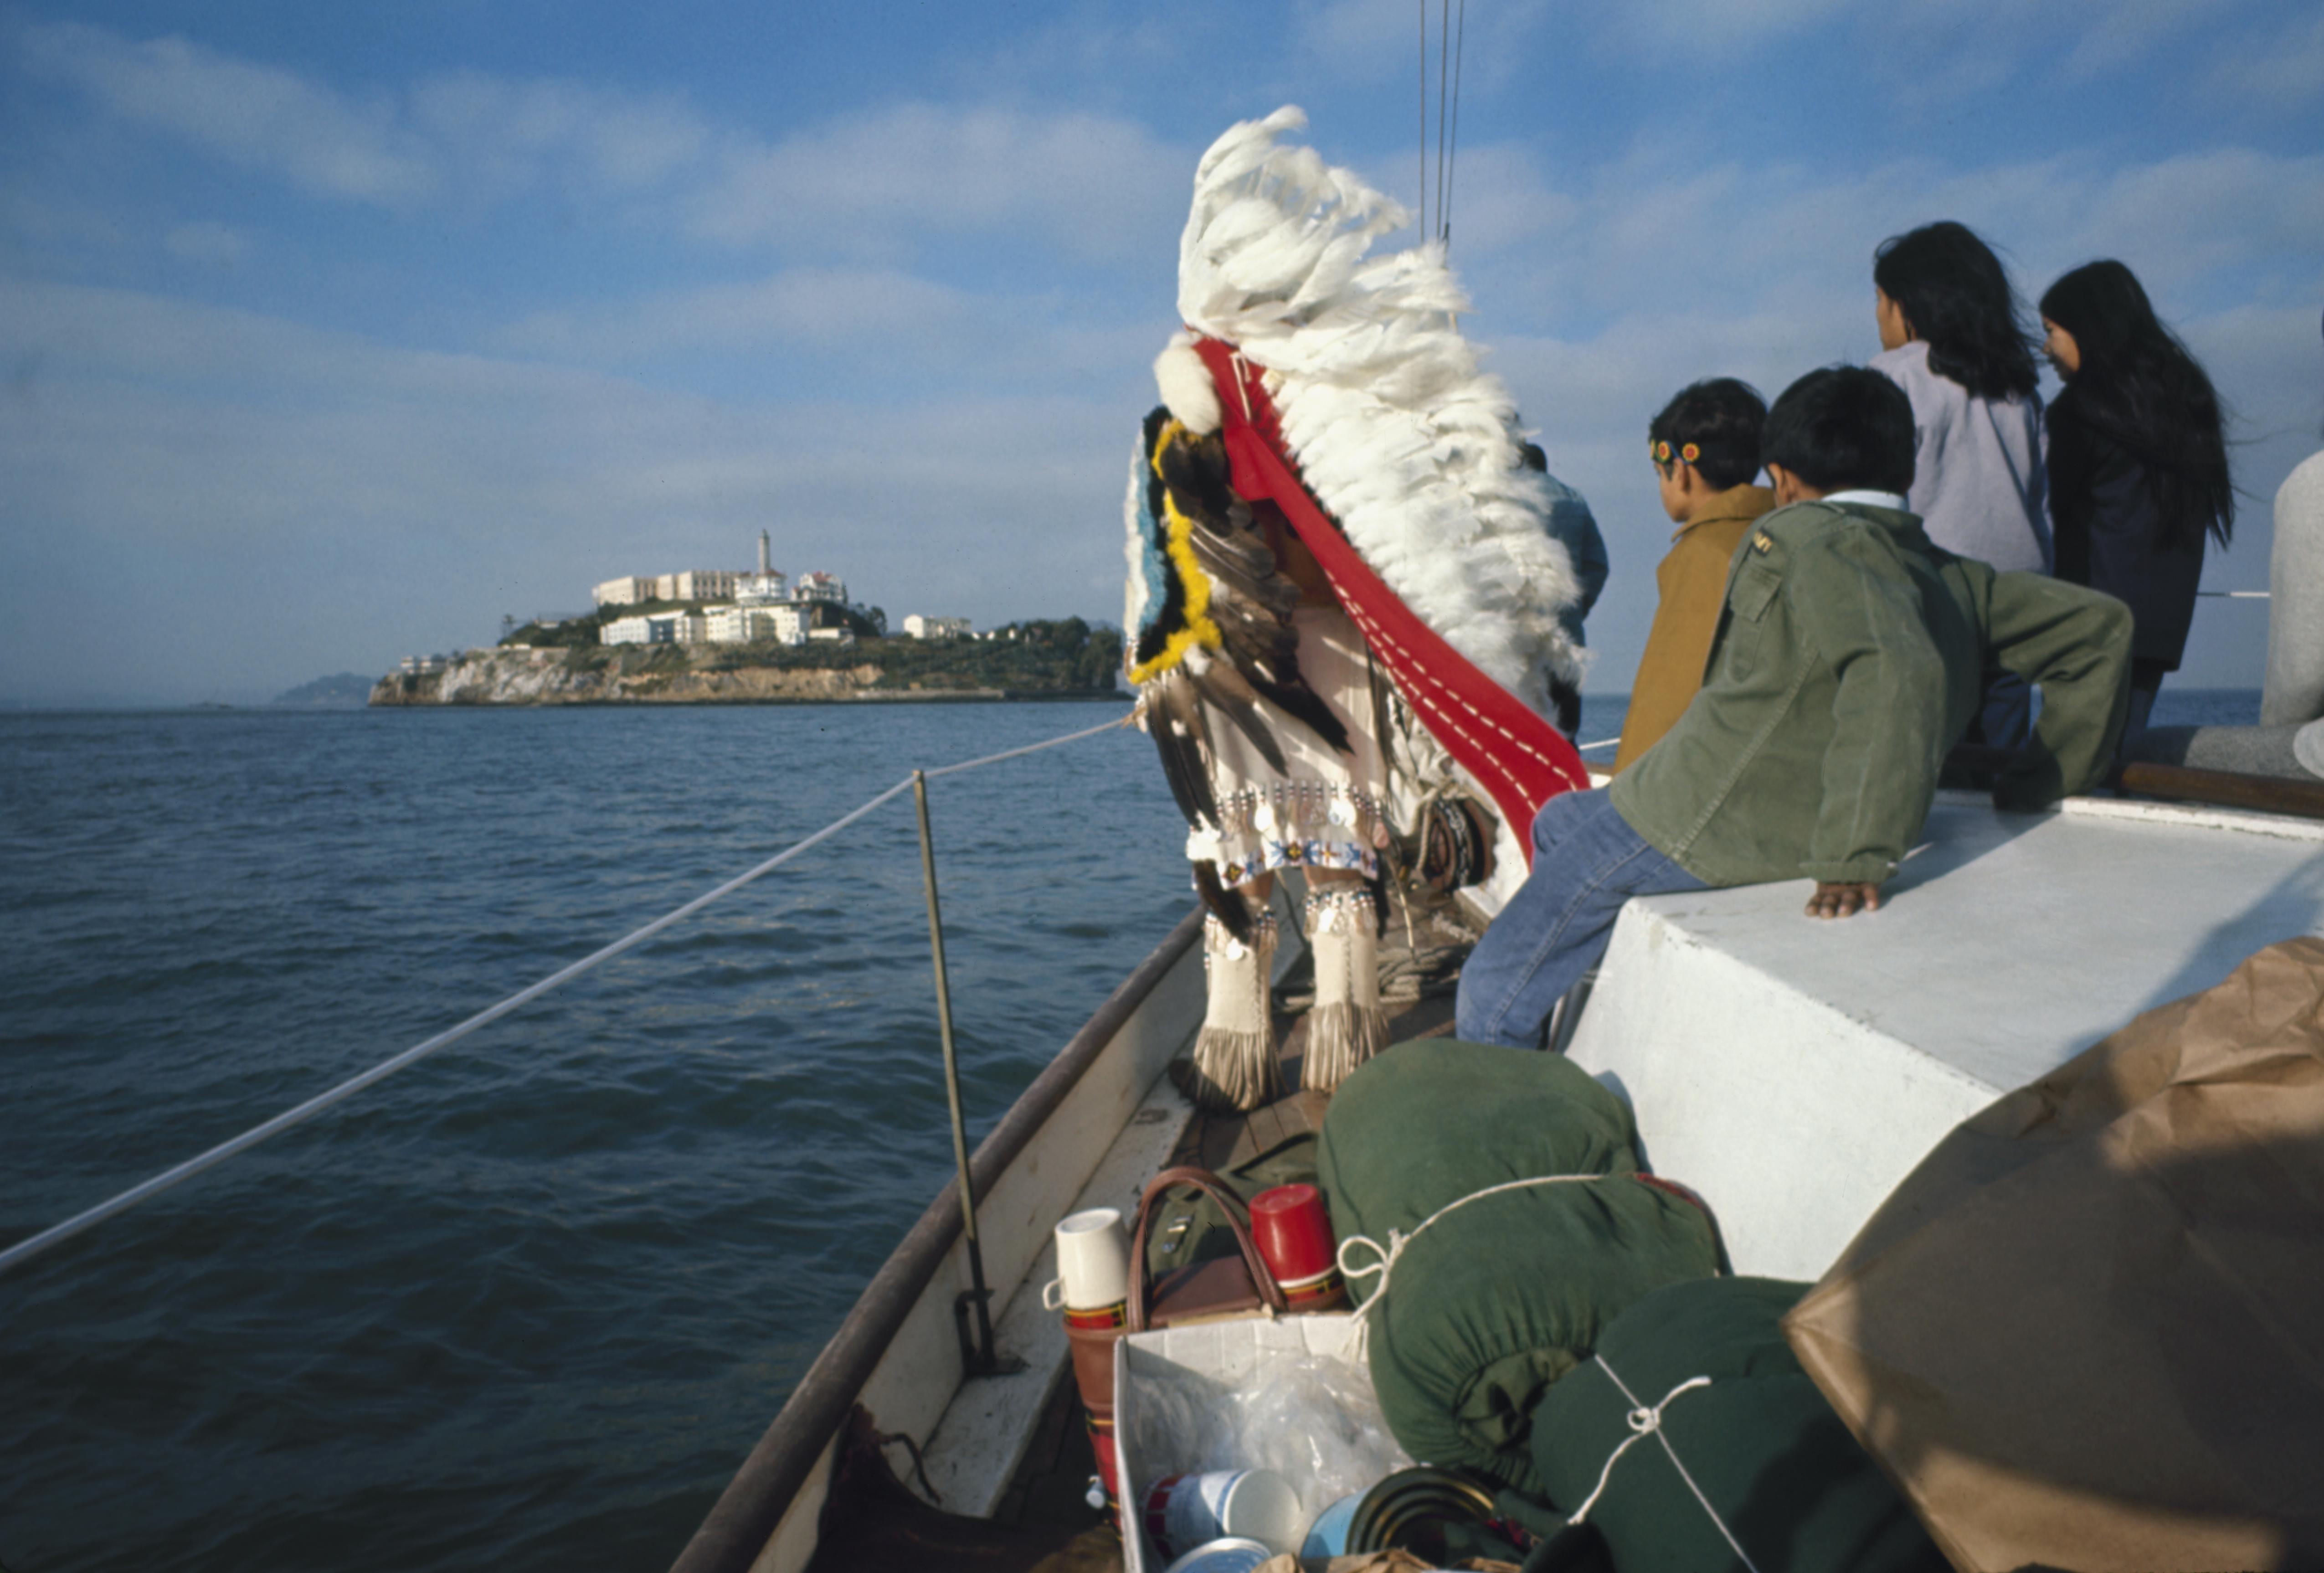 Occupation Of Alcatraz Island